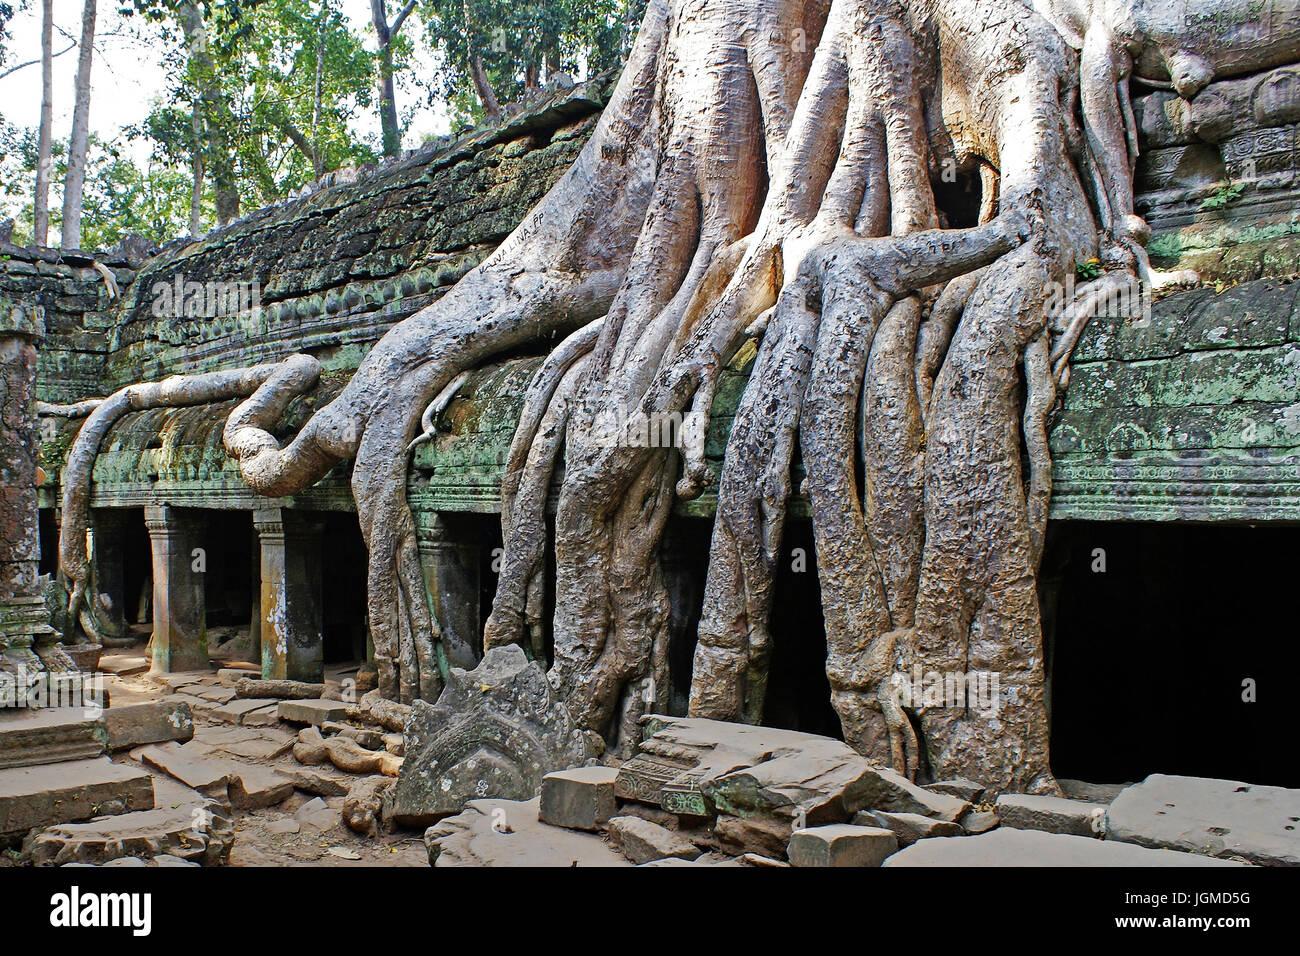 Tree roots uberwuchern old temple arrangement in Cambodia, Baumwurzeln uberwuchern alte Tempelanlage in Kambodscha Stock Photo